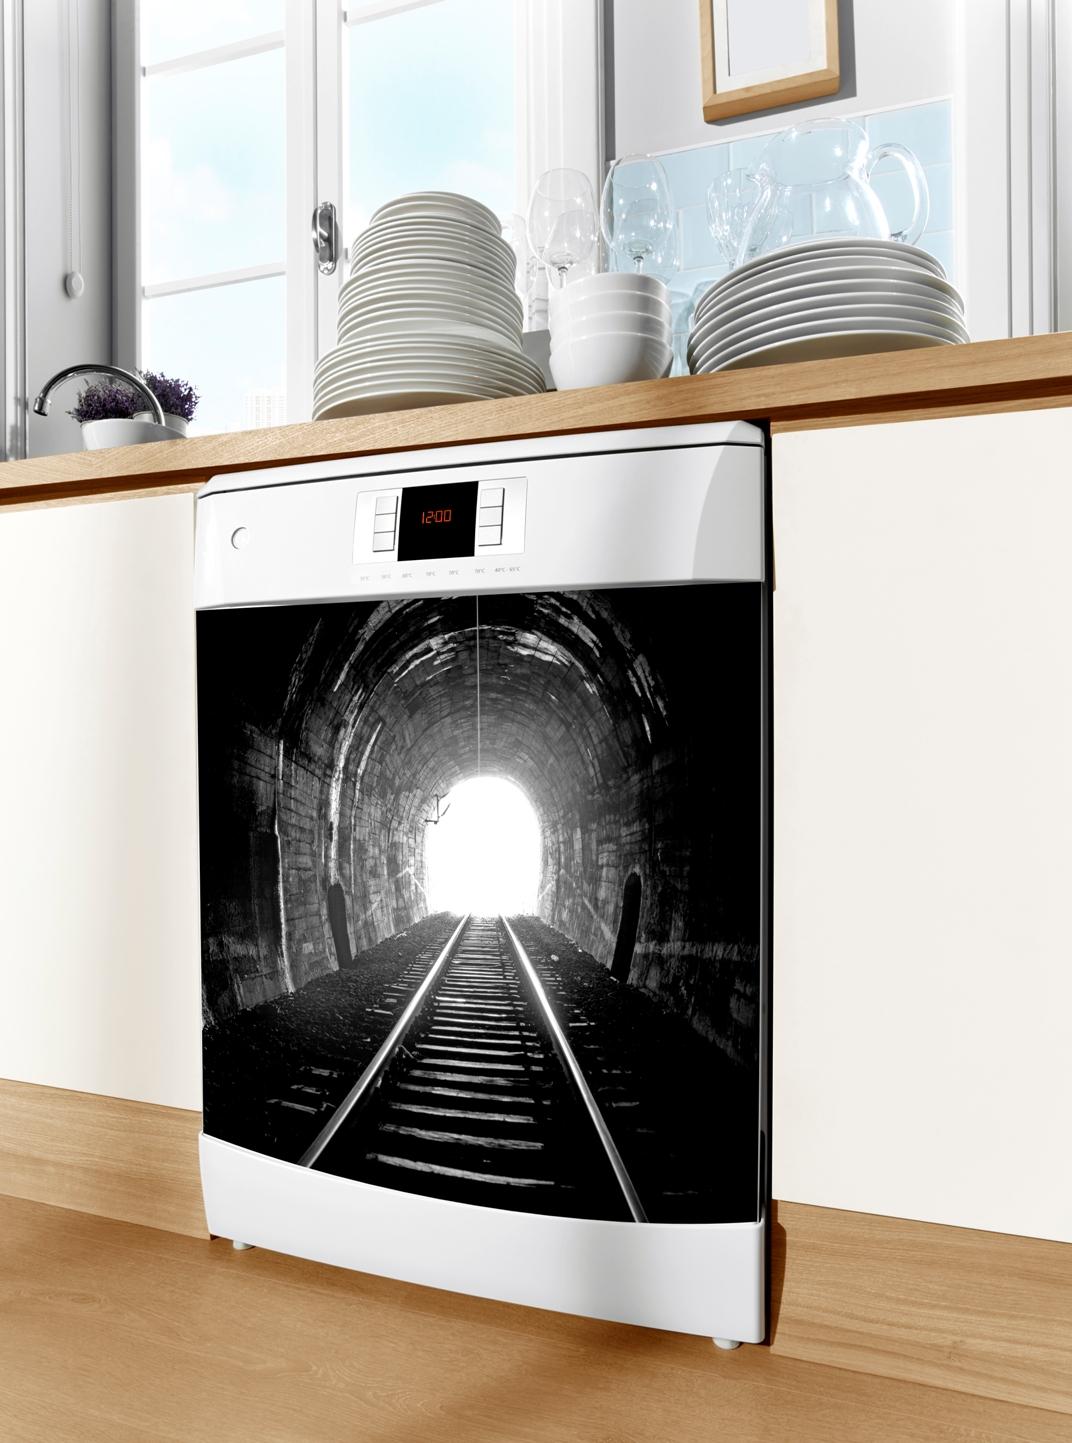 dishwasher2 resized